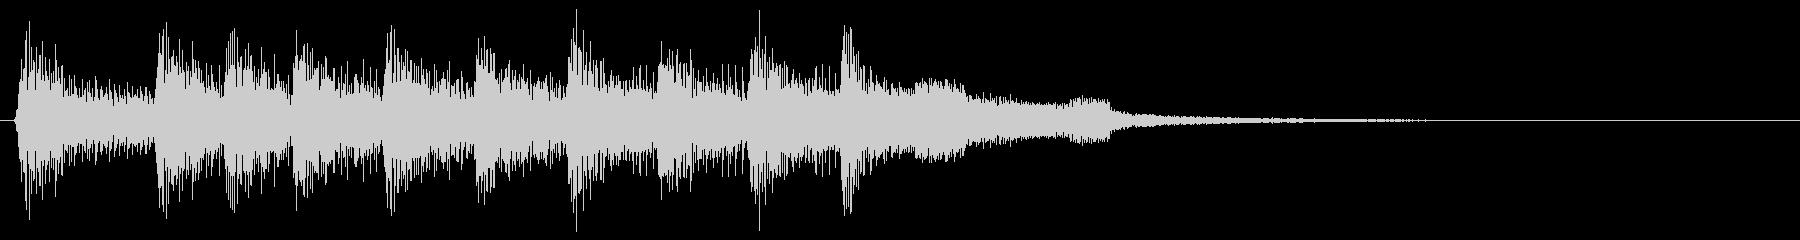 レトロなゲームクリア音 勝利 ピコピコ音の未再生の波形